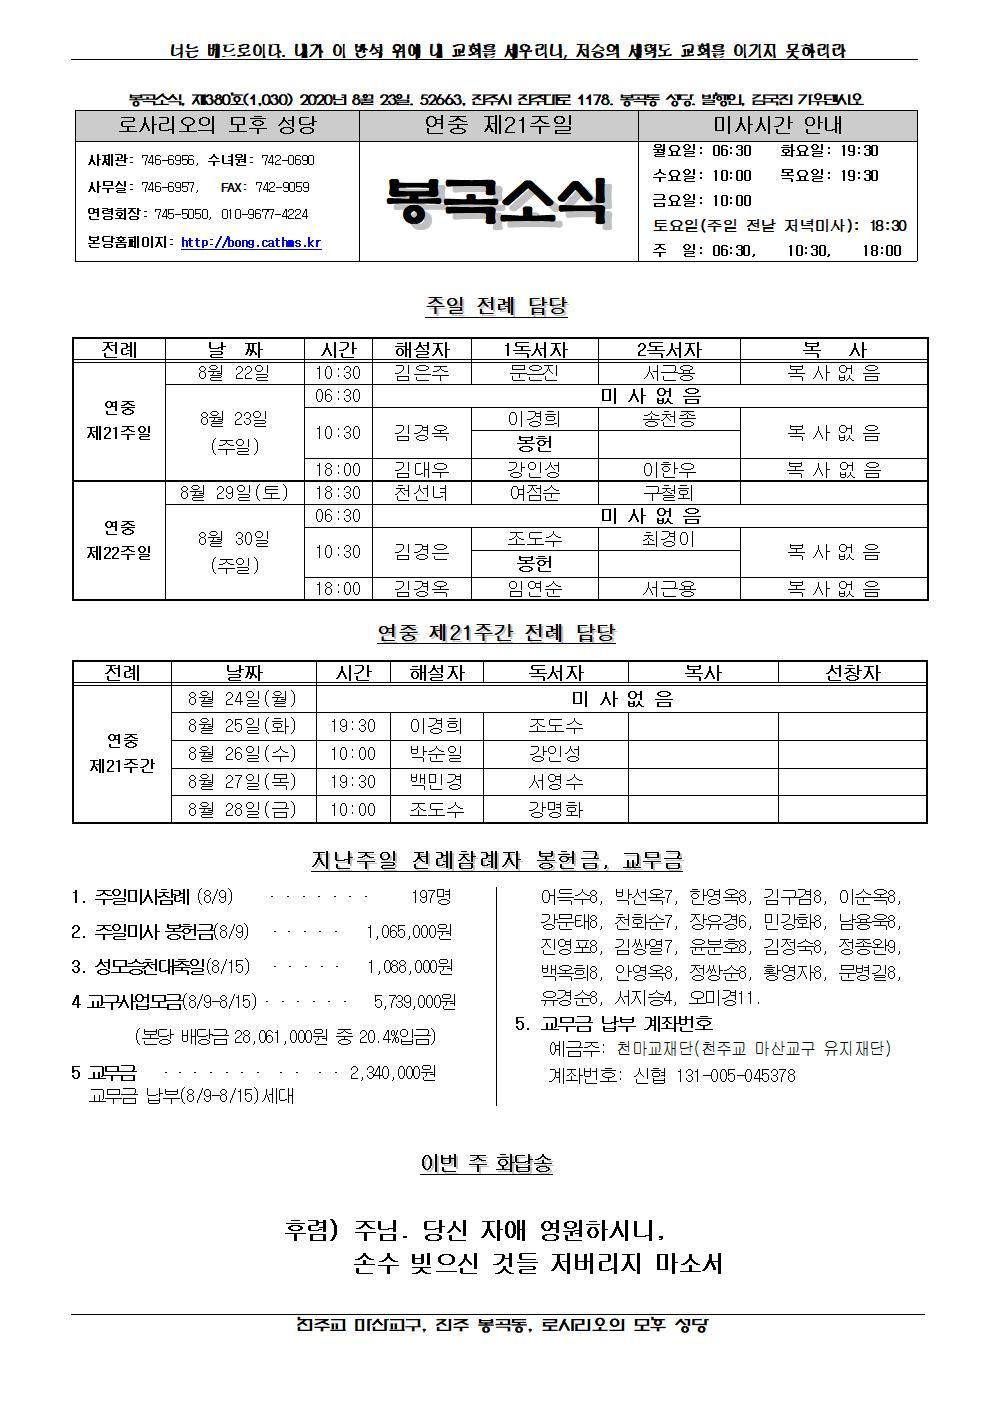 2020년 8월 23일- 연중 제21주일. 봉곡소식001.jpg